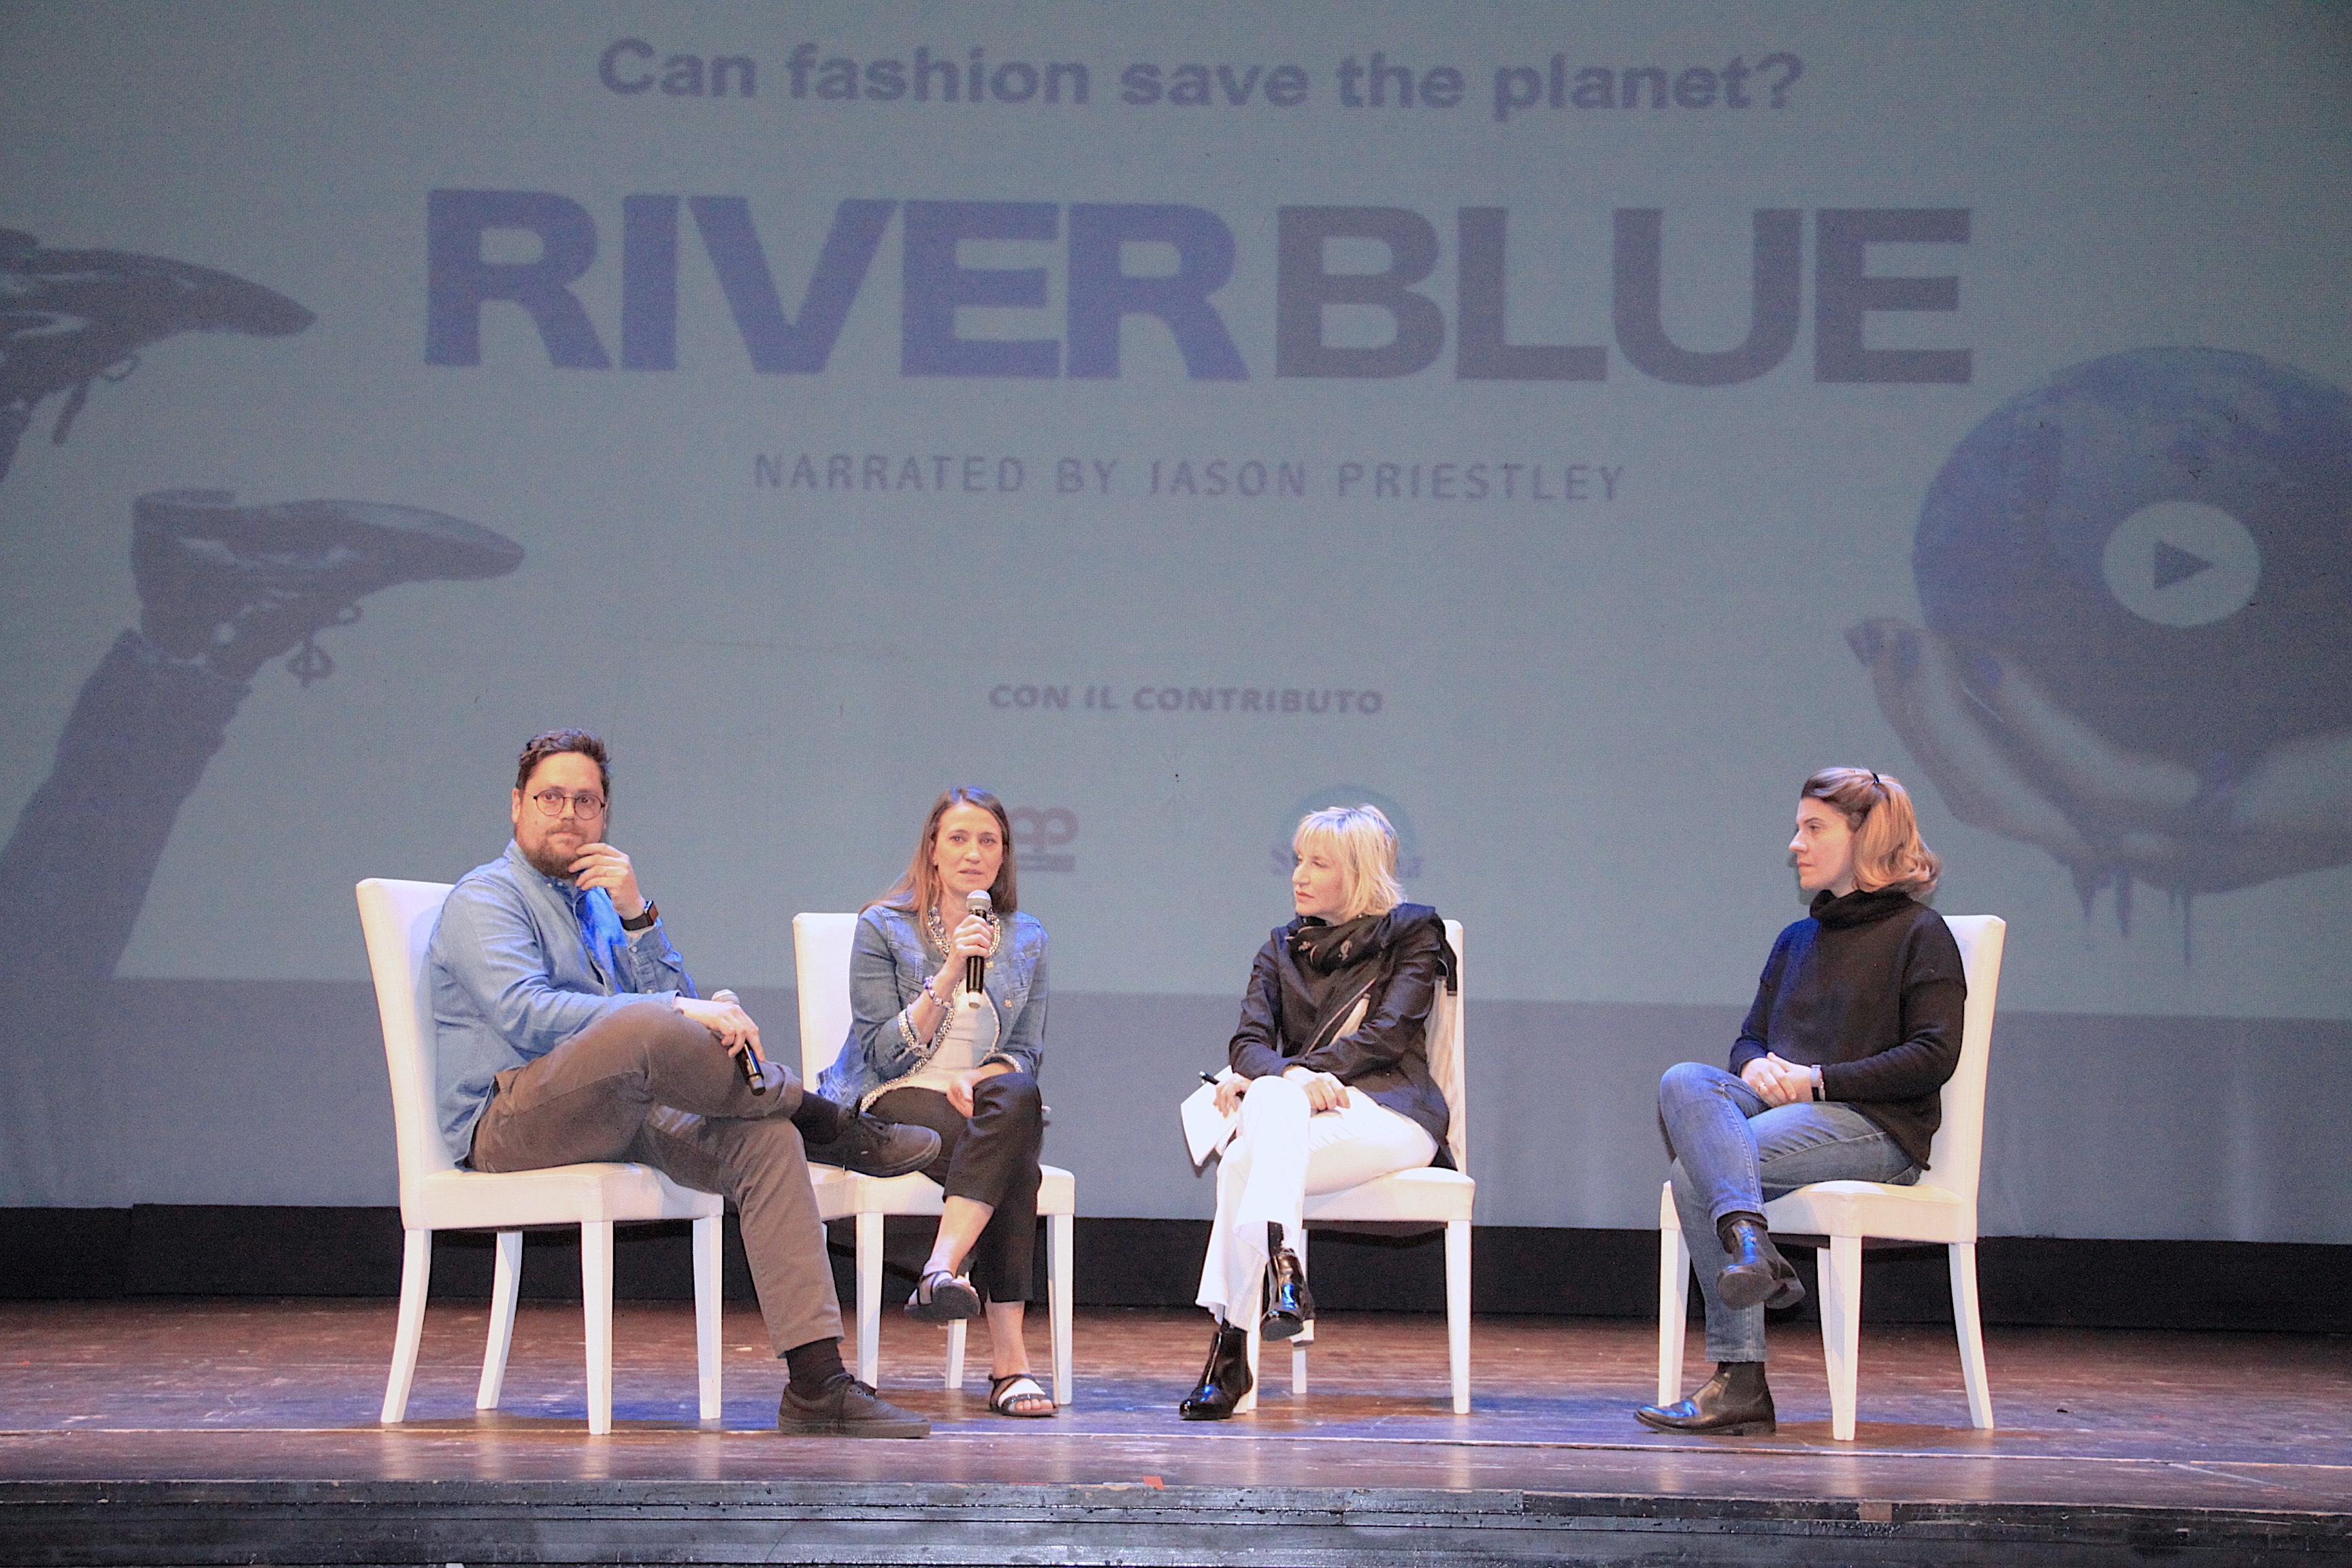 River Blue – potrà la moda salvare il pianeta?